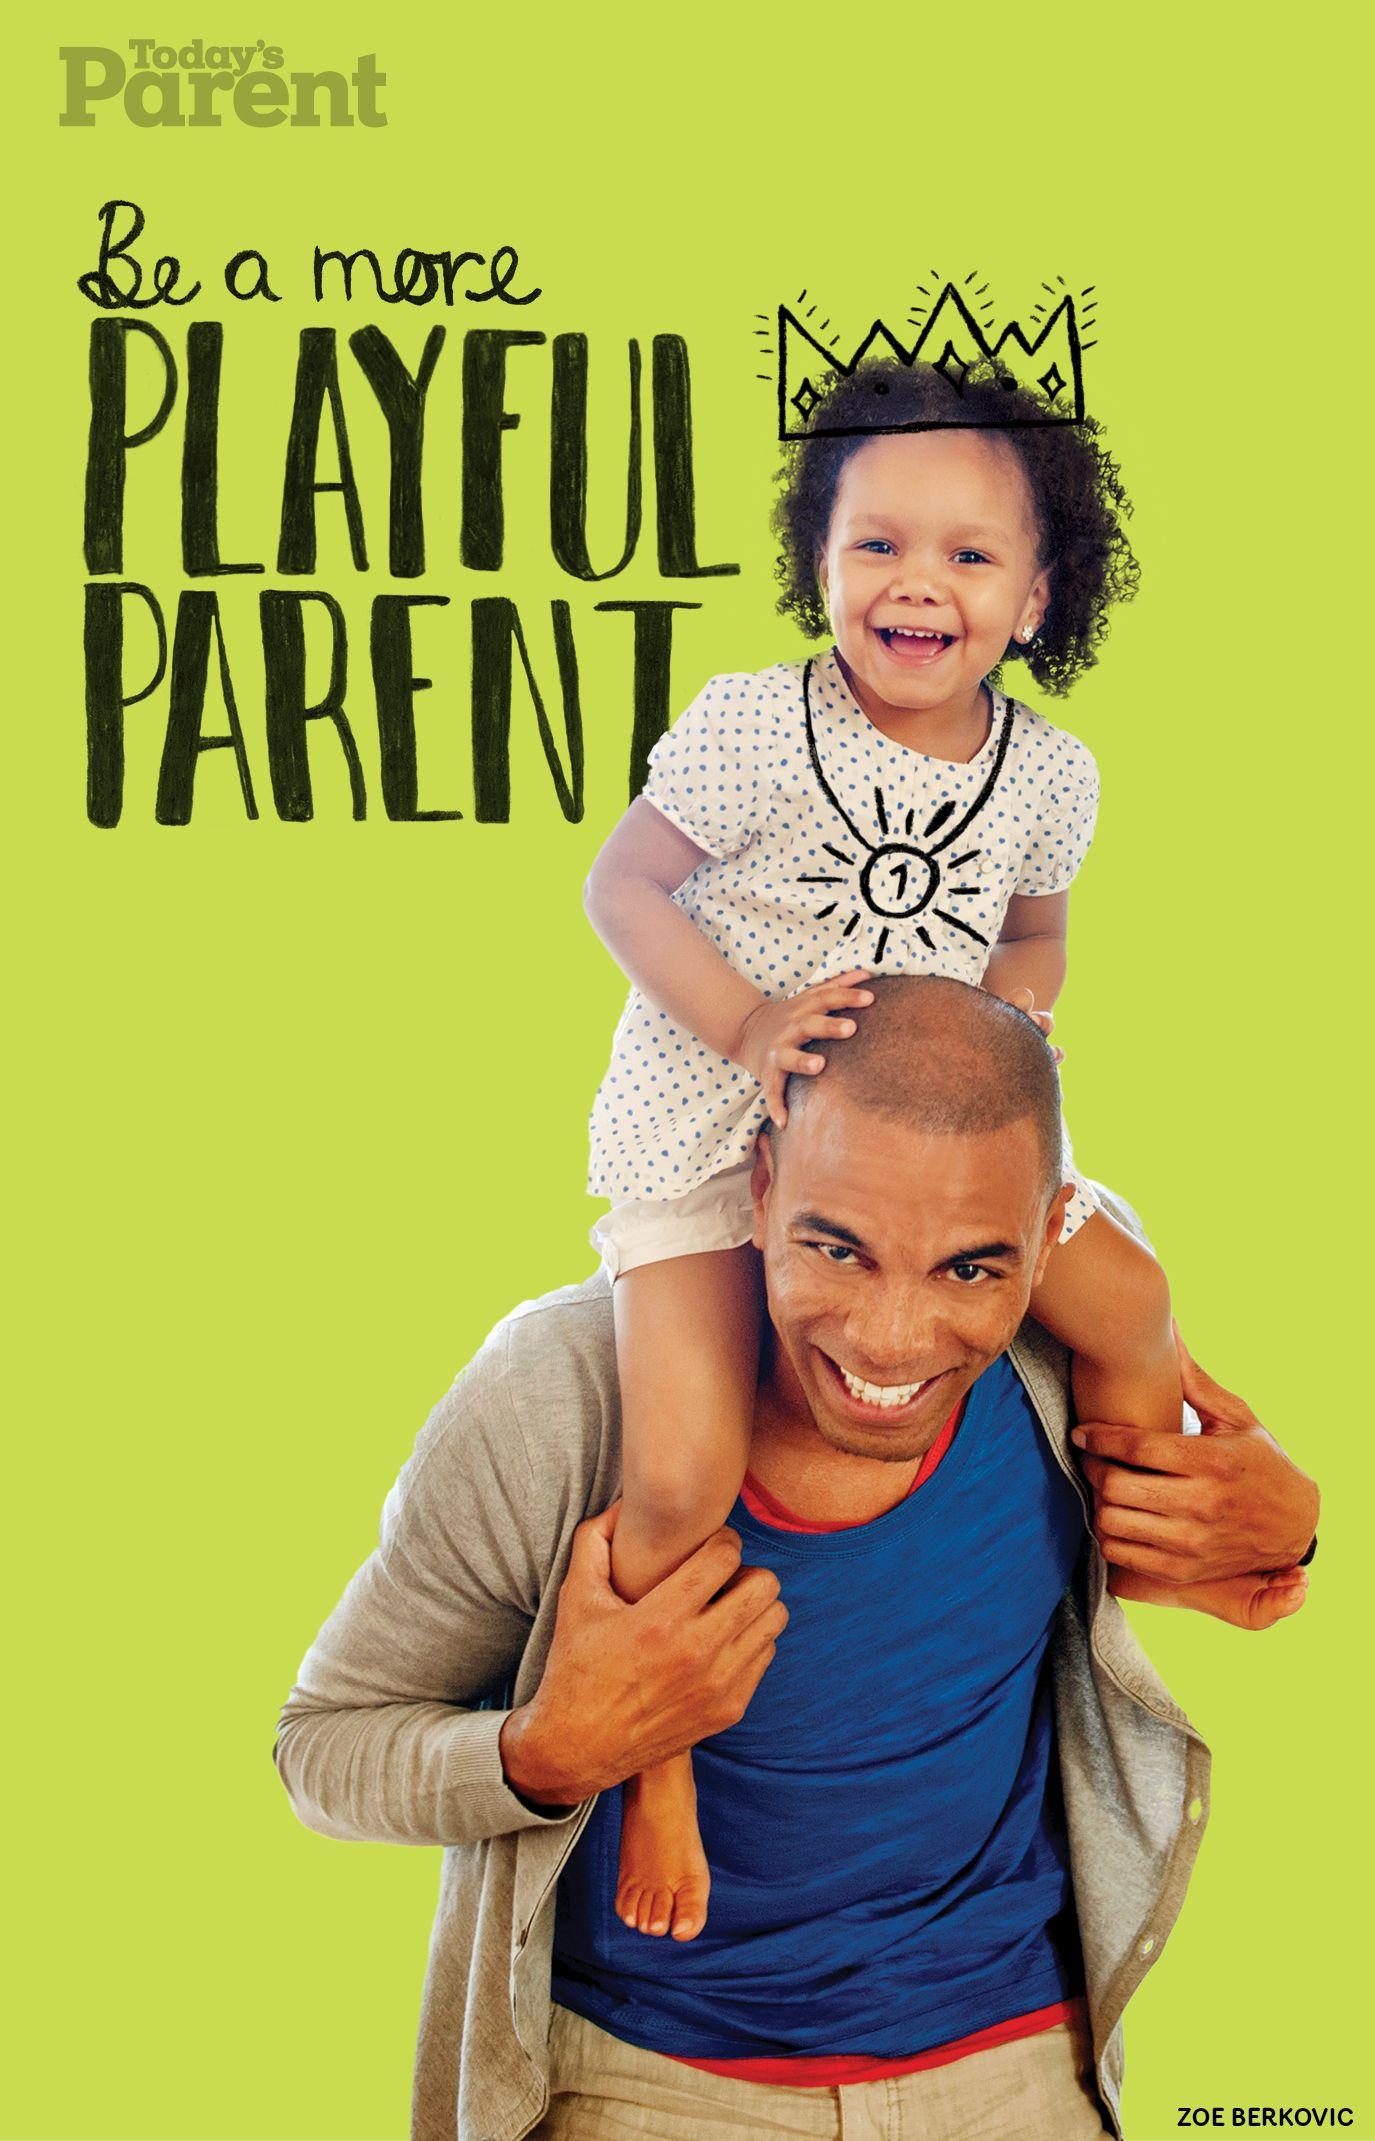 5 Ways To Be A More Playful Parent